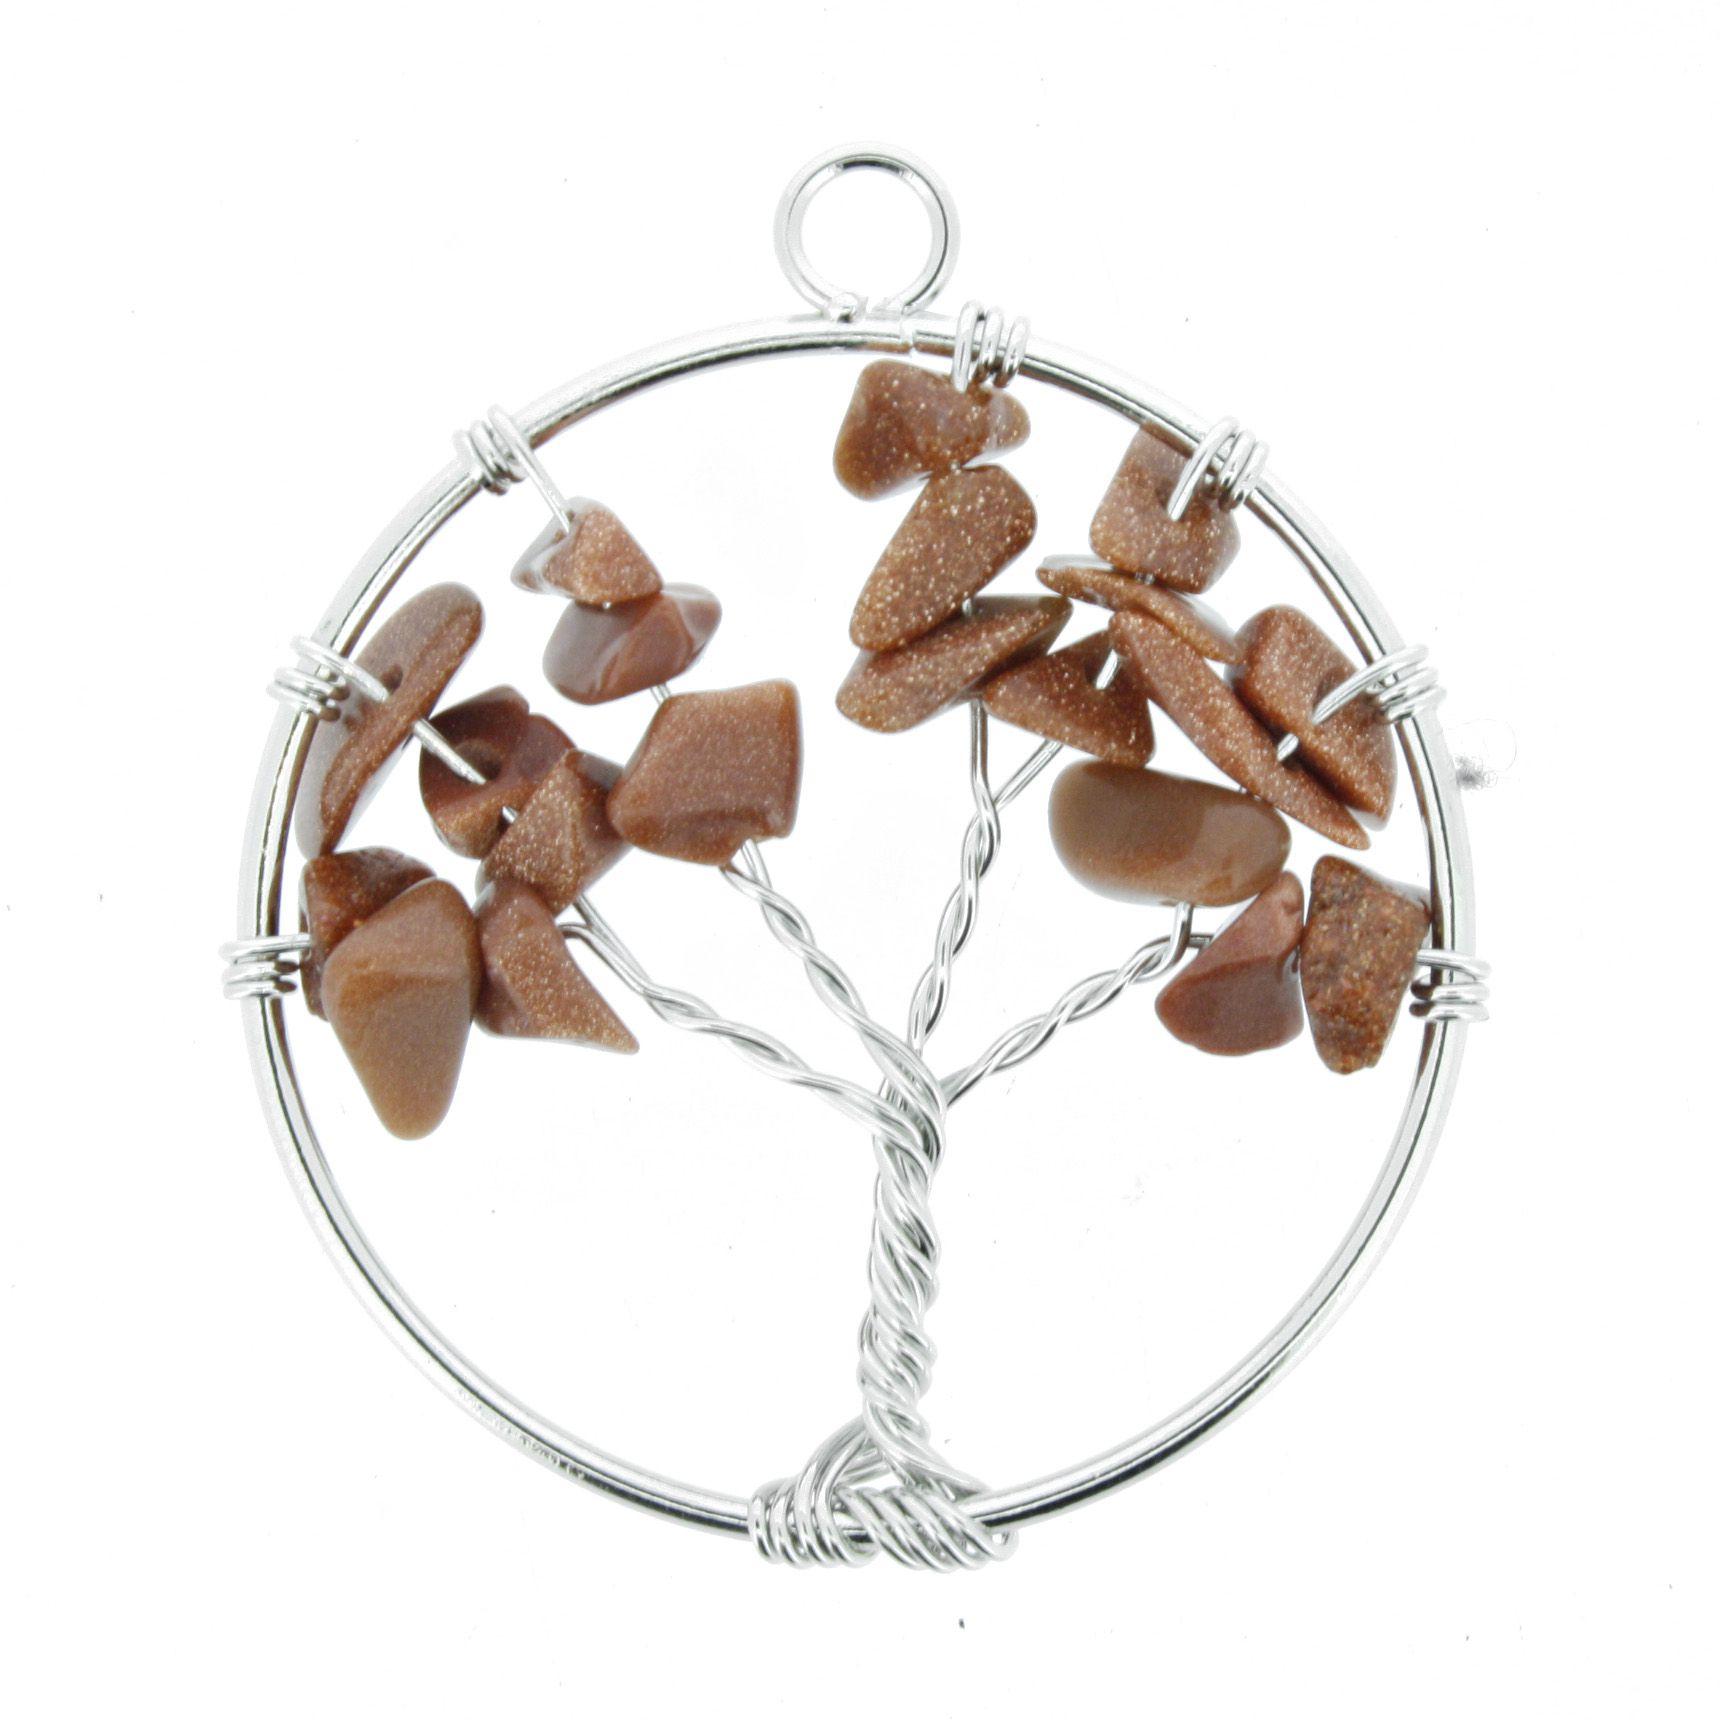 Árvore da Vida de Arame com Pedra - Pedra do Sol - 40mm  - Universo Religioso® - Artigos de Umbanda e Candomblé